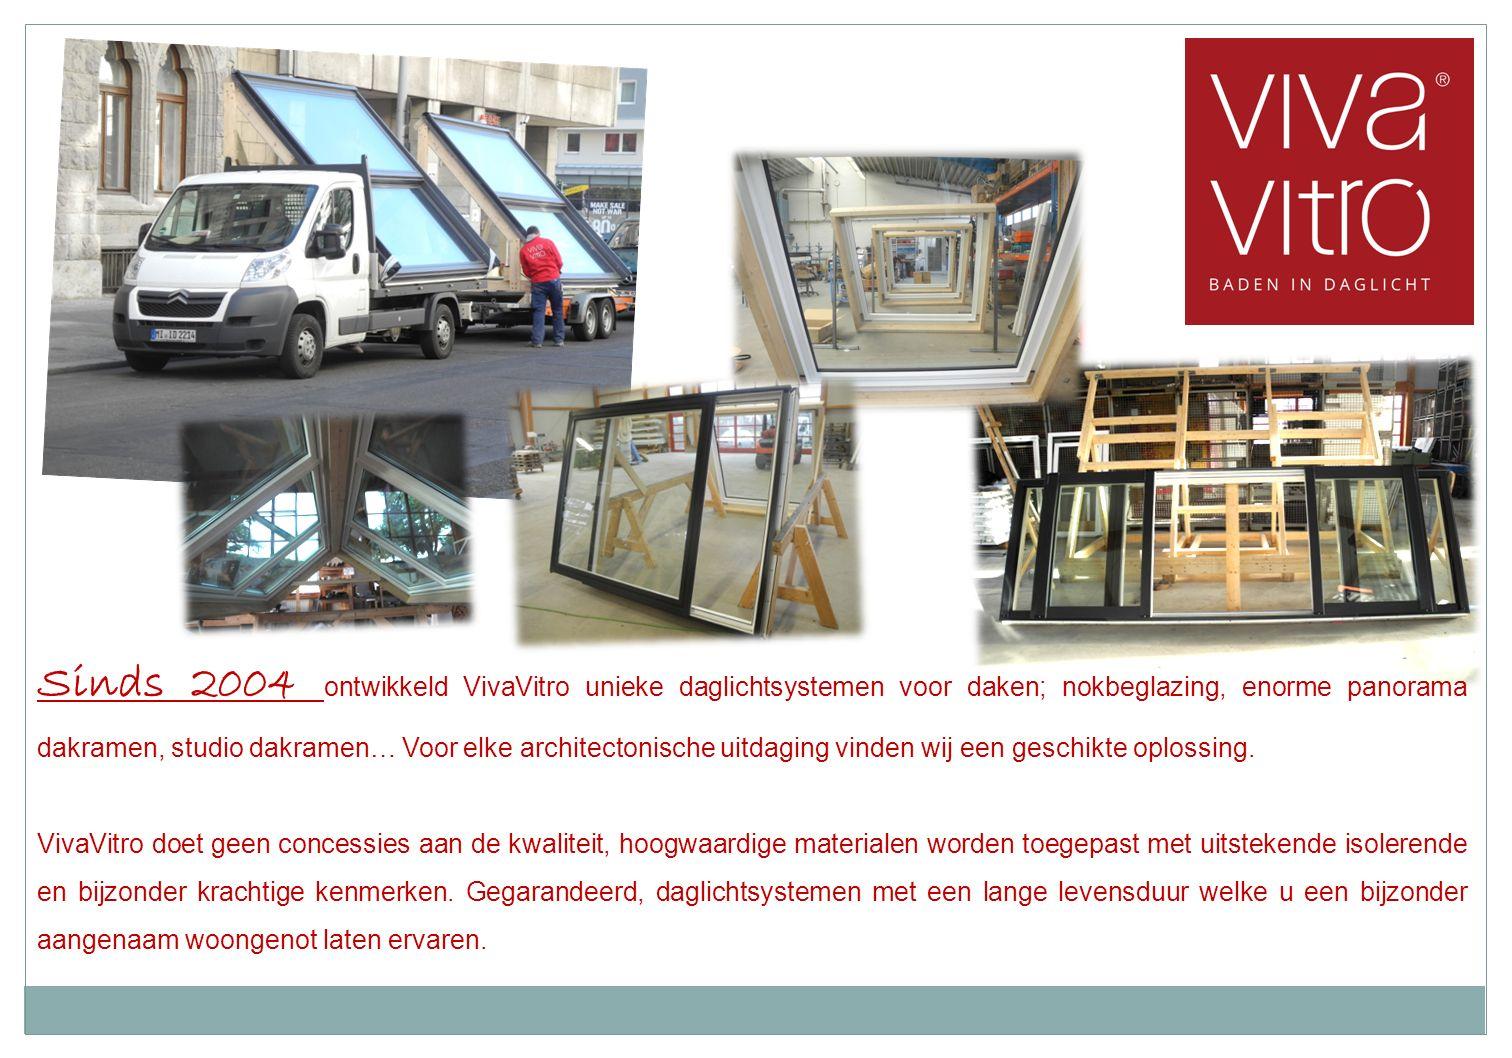 Sinds 2004 ontwikkeld VivaVitro unieke daglichtsystemen voor daken; nokbeglazing, enorme panorama dakramen, studio dakramen… Voor elke architectonische uitdaging vinden wij een geschikte oplossing.